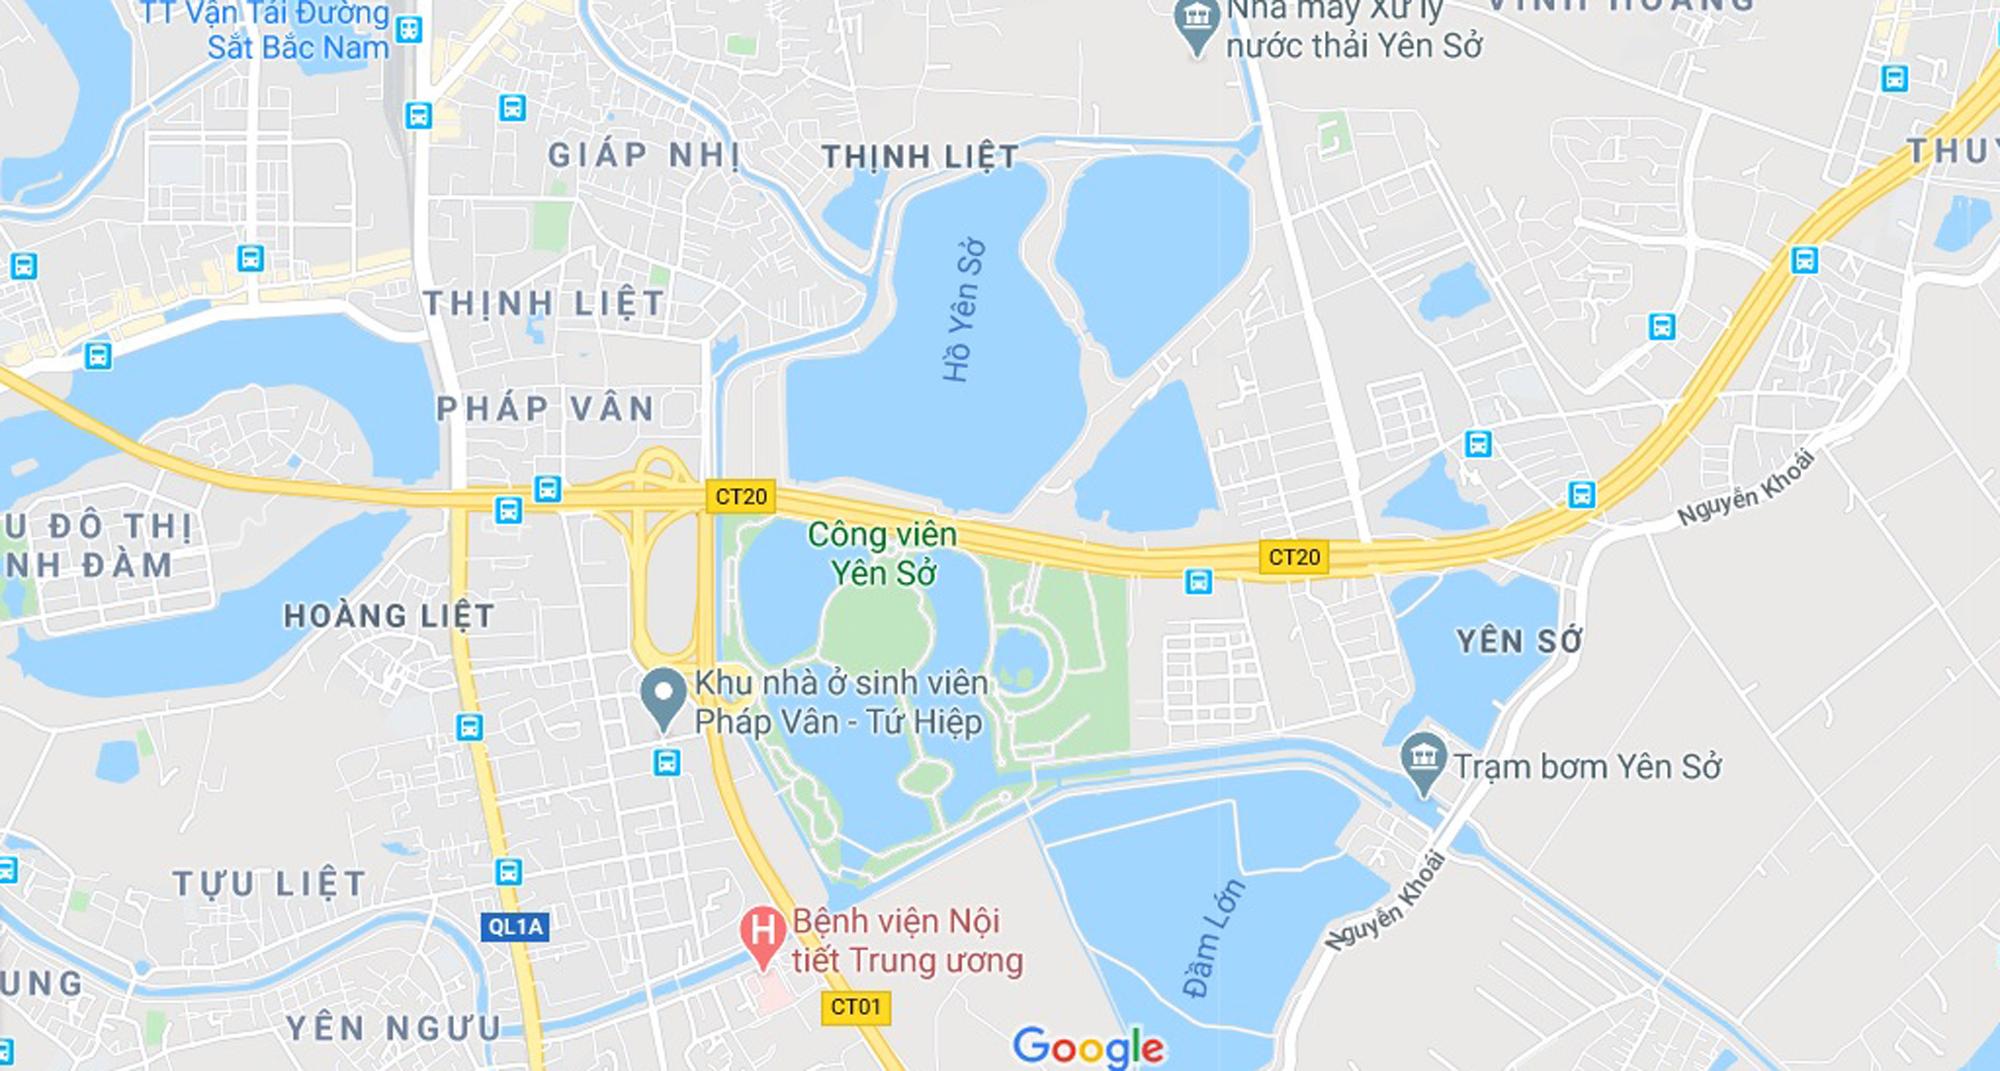 Toàn cảnh nơi xây dựng Khu đô thị ven hồ Yên Sở hơn 190ha - Ảnh 1.